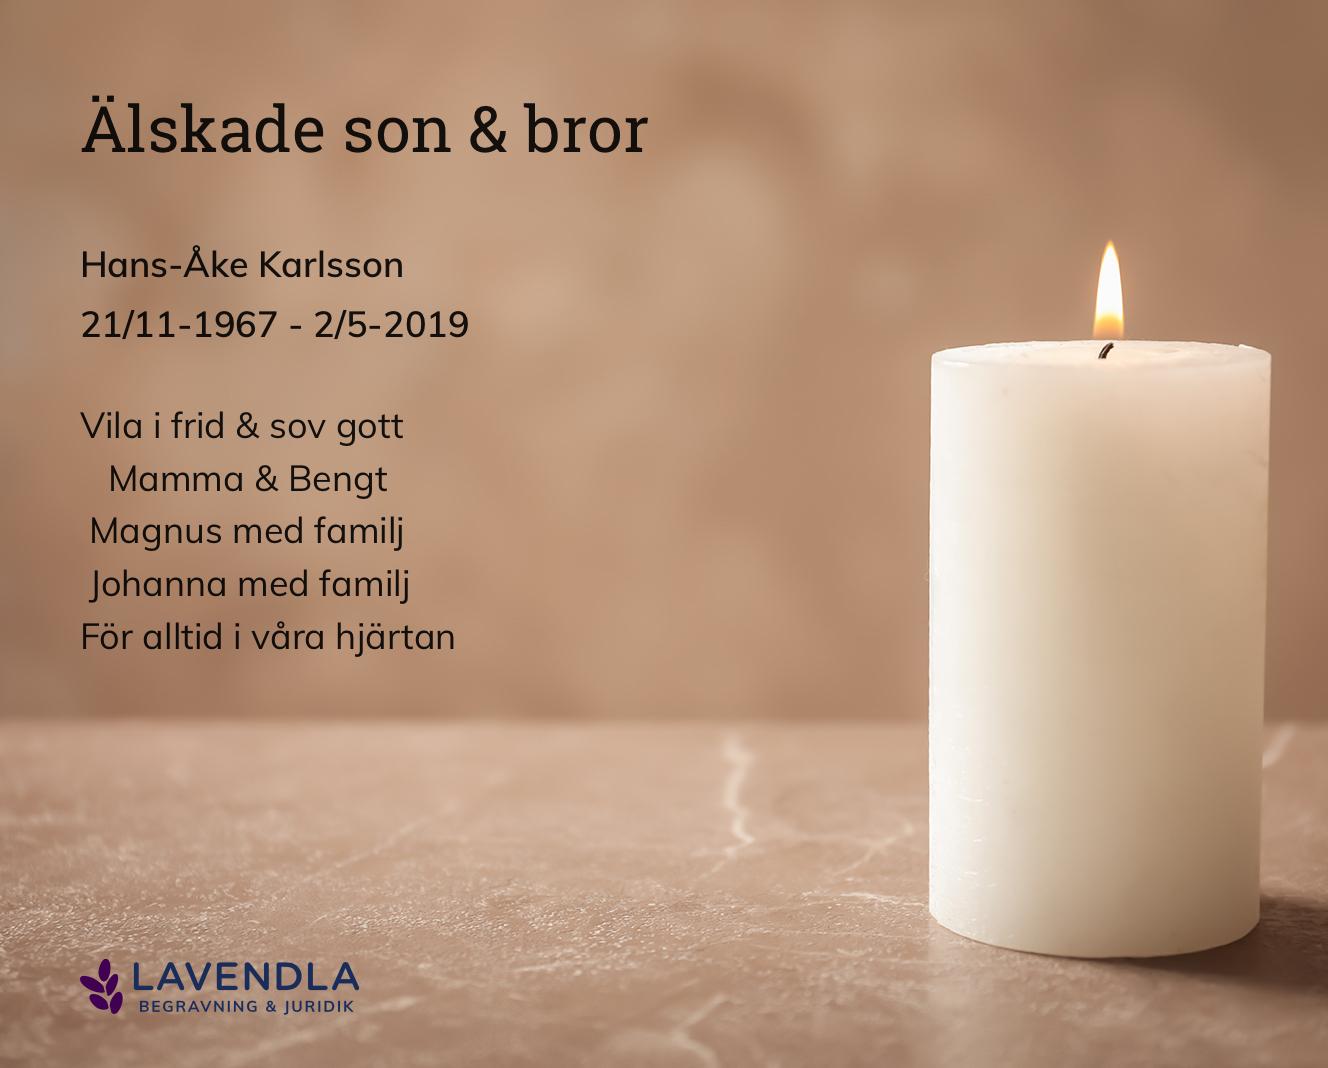 Inbjudningskort till ceremonin för Hans-Åke Karlsson